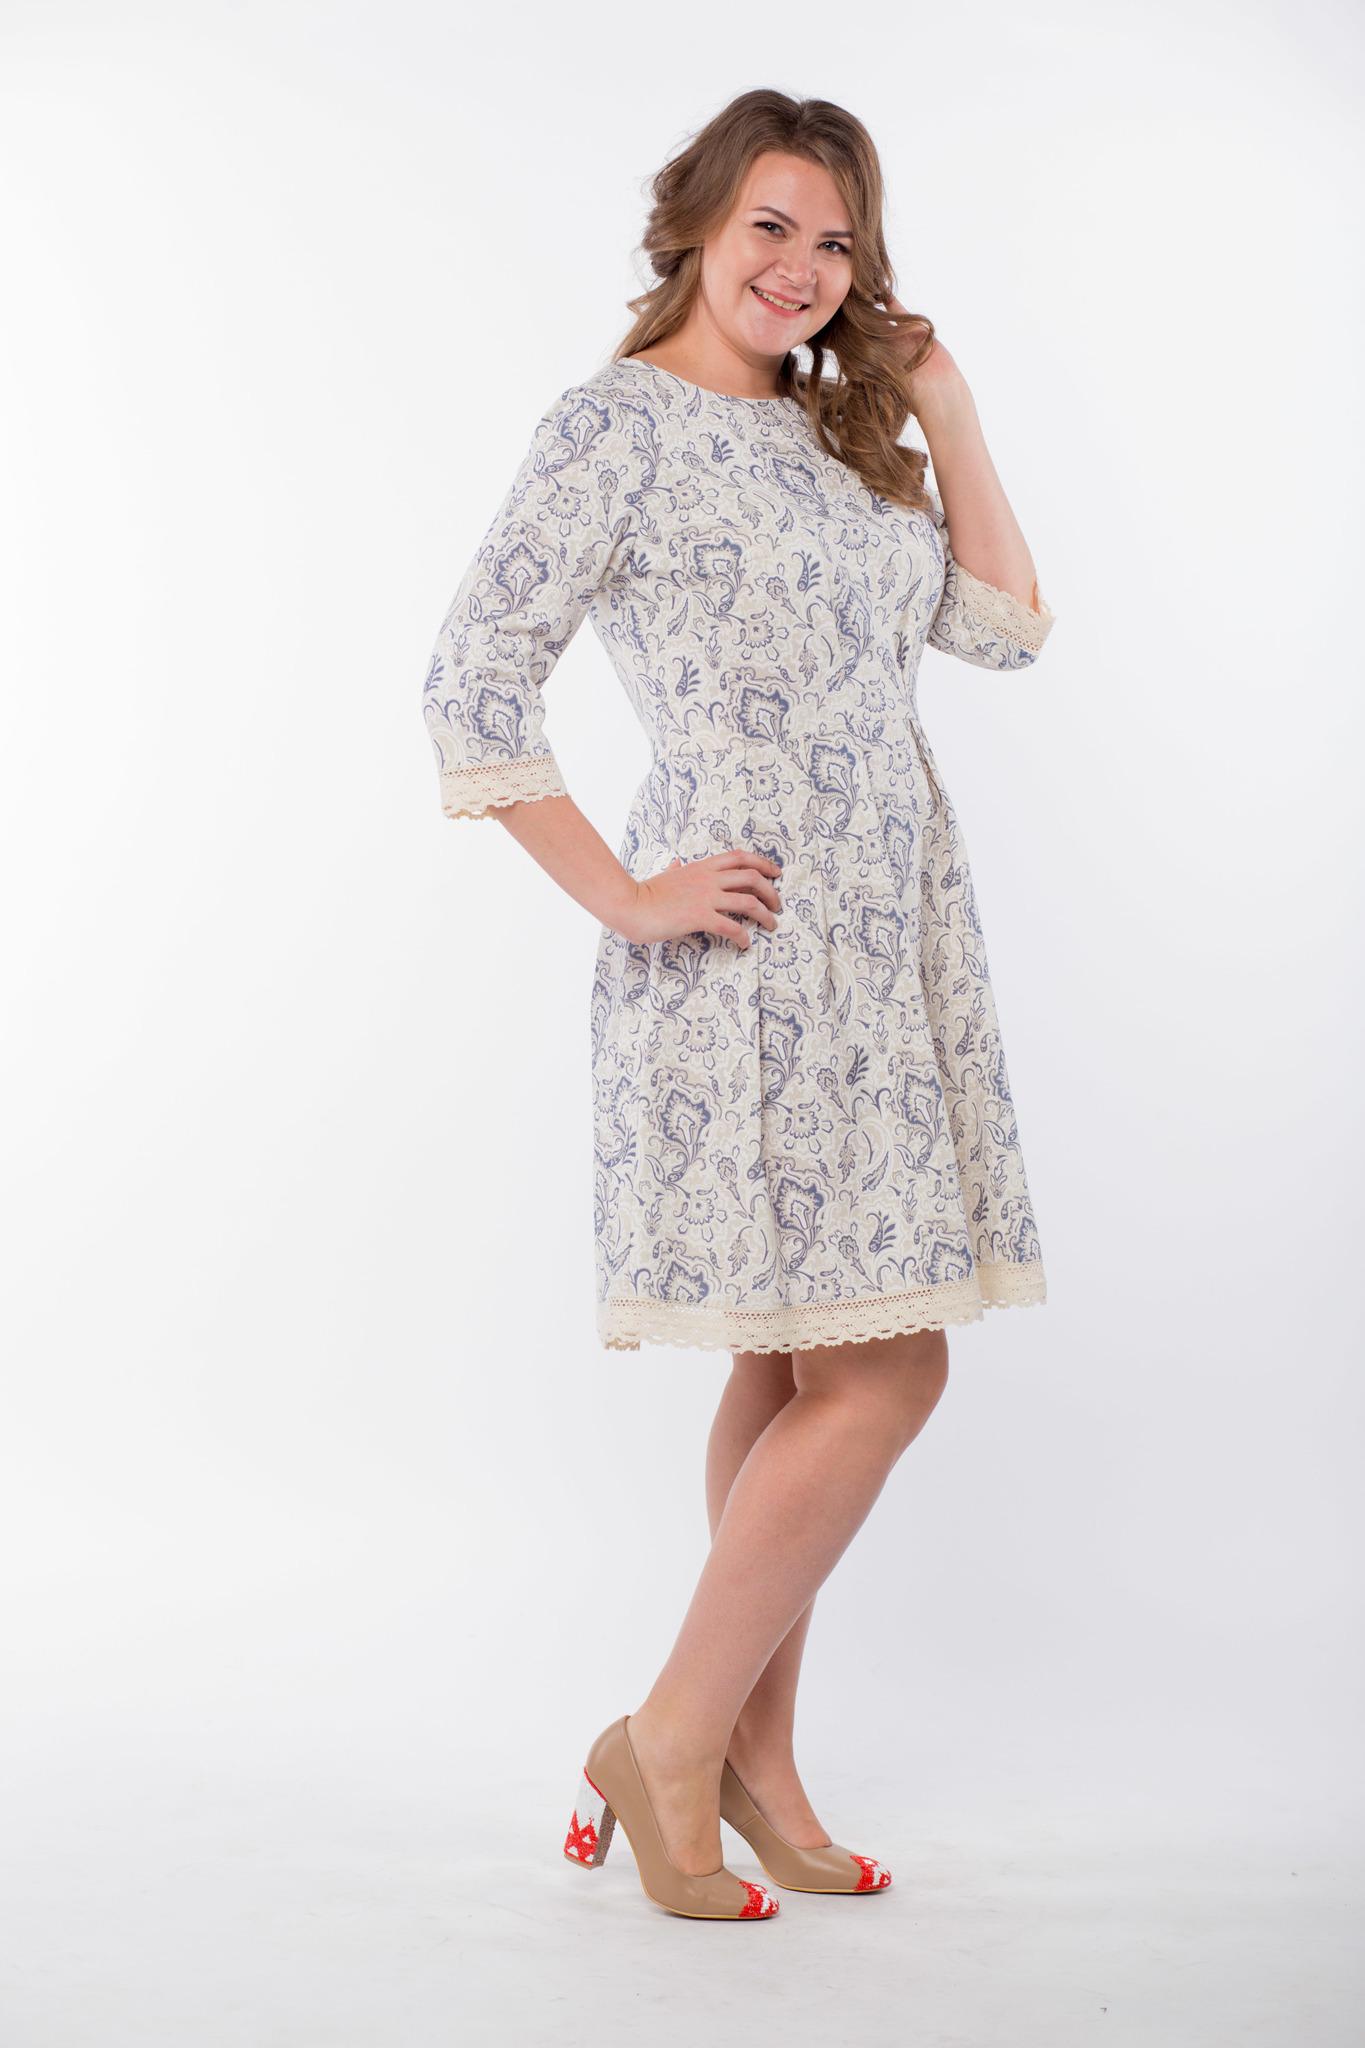 Платье льняное Первоцвет 50 размер вид сбоку